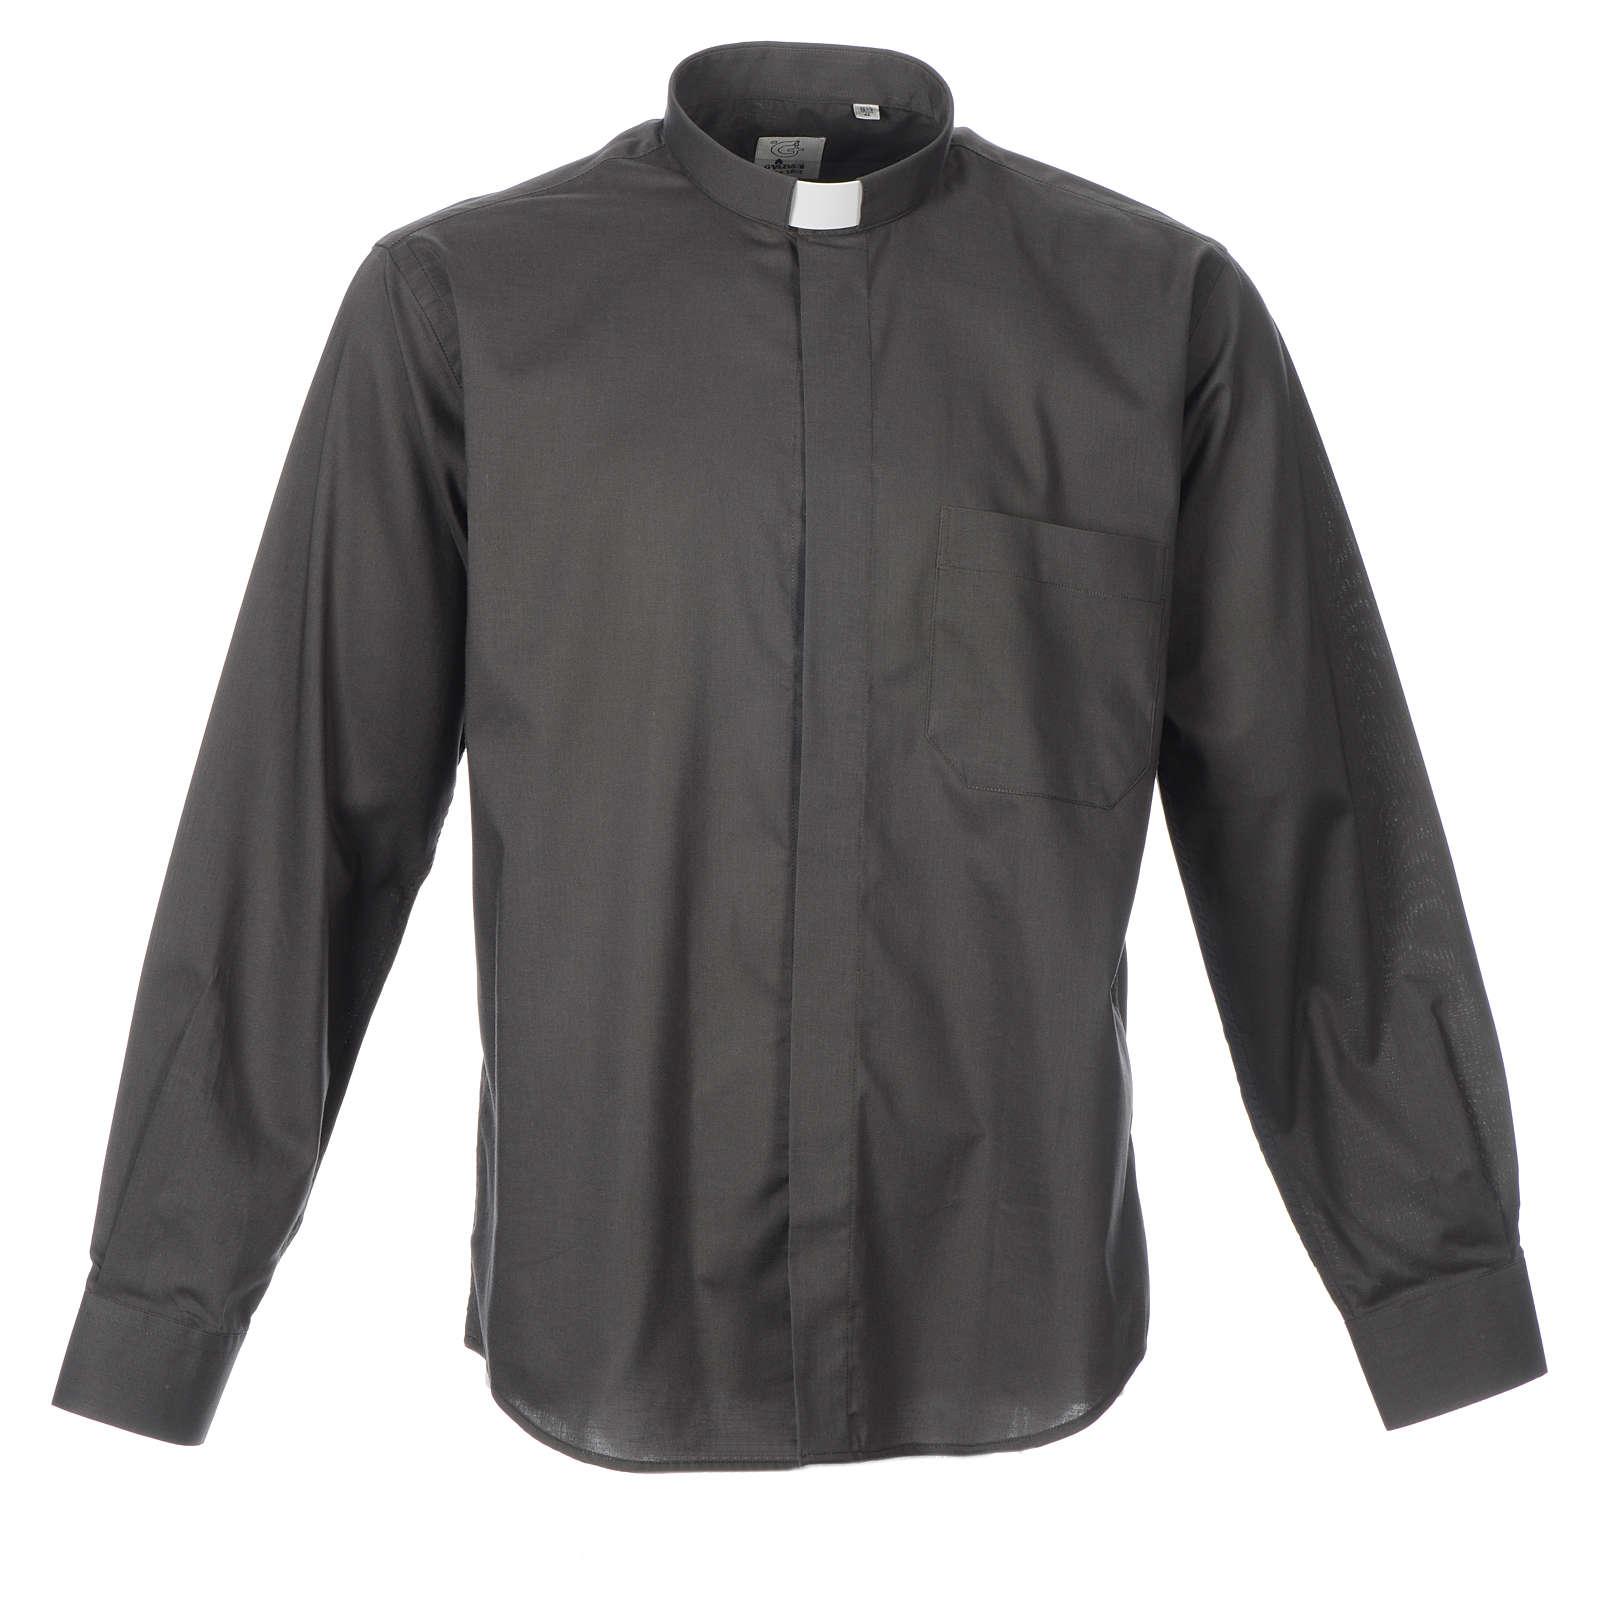 STOCK Camisa manga larga  mezcla de algodón gris oscuro 4